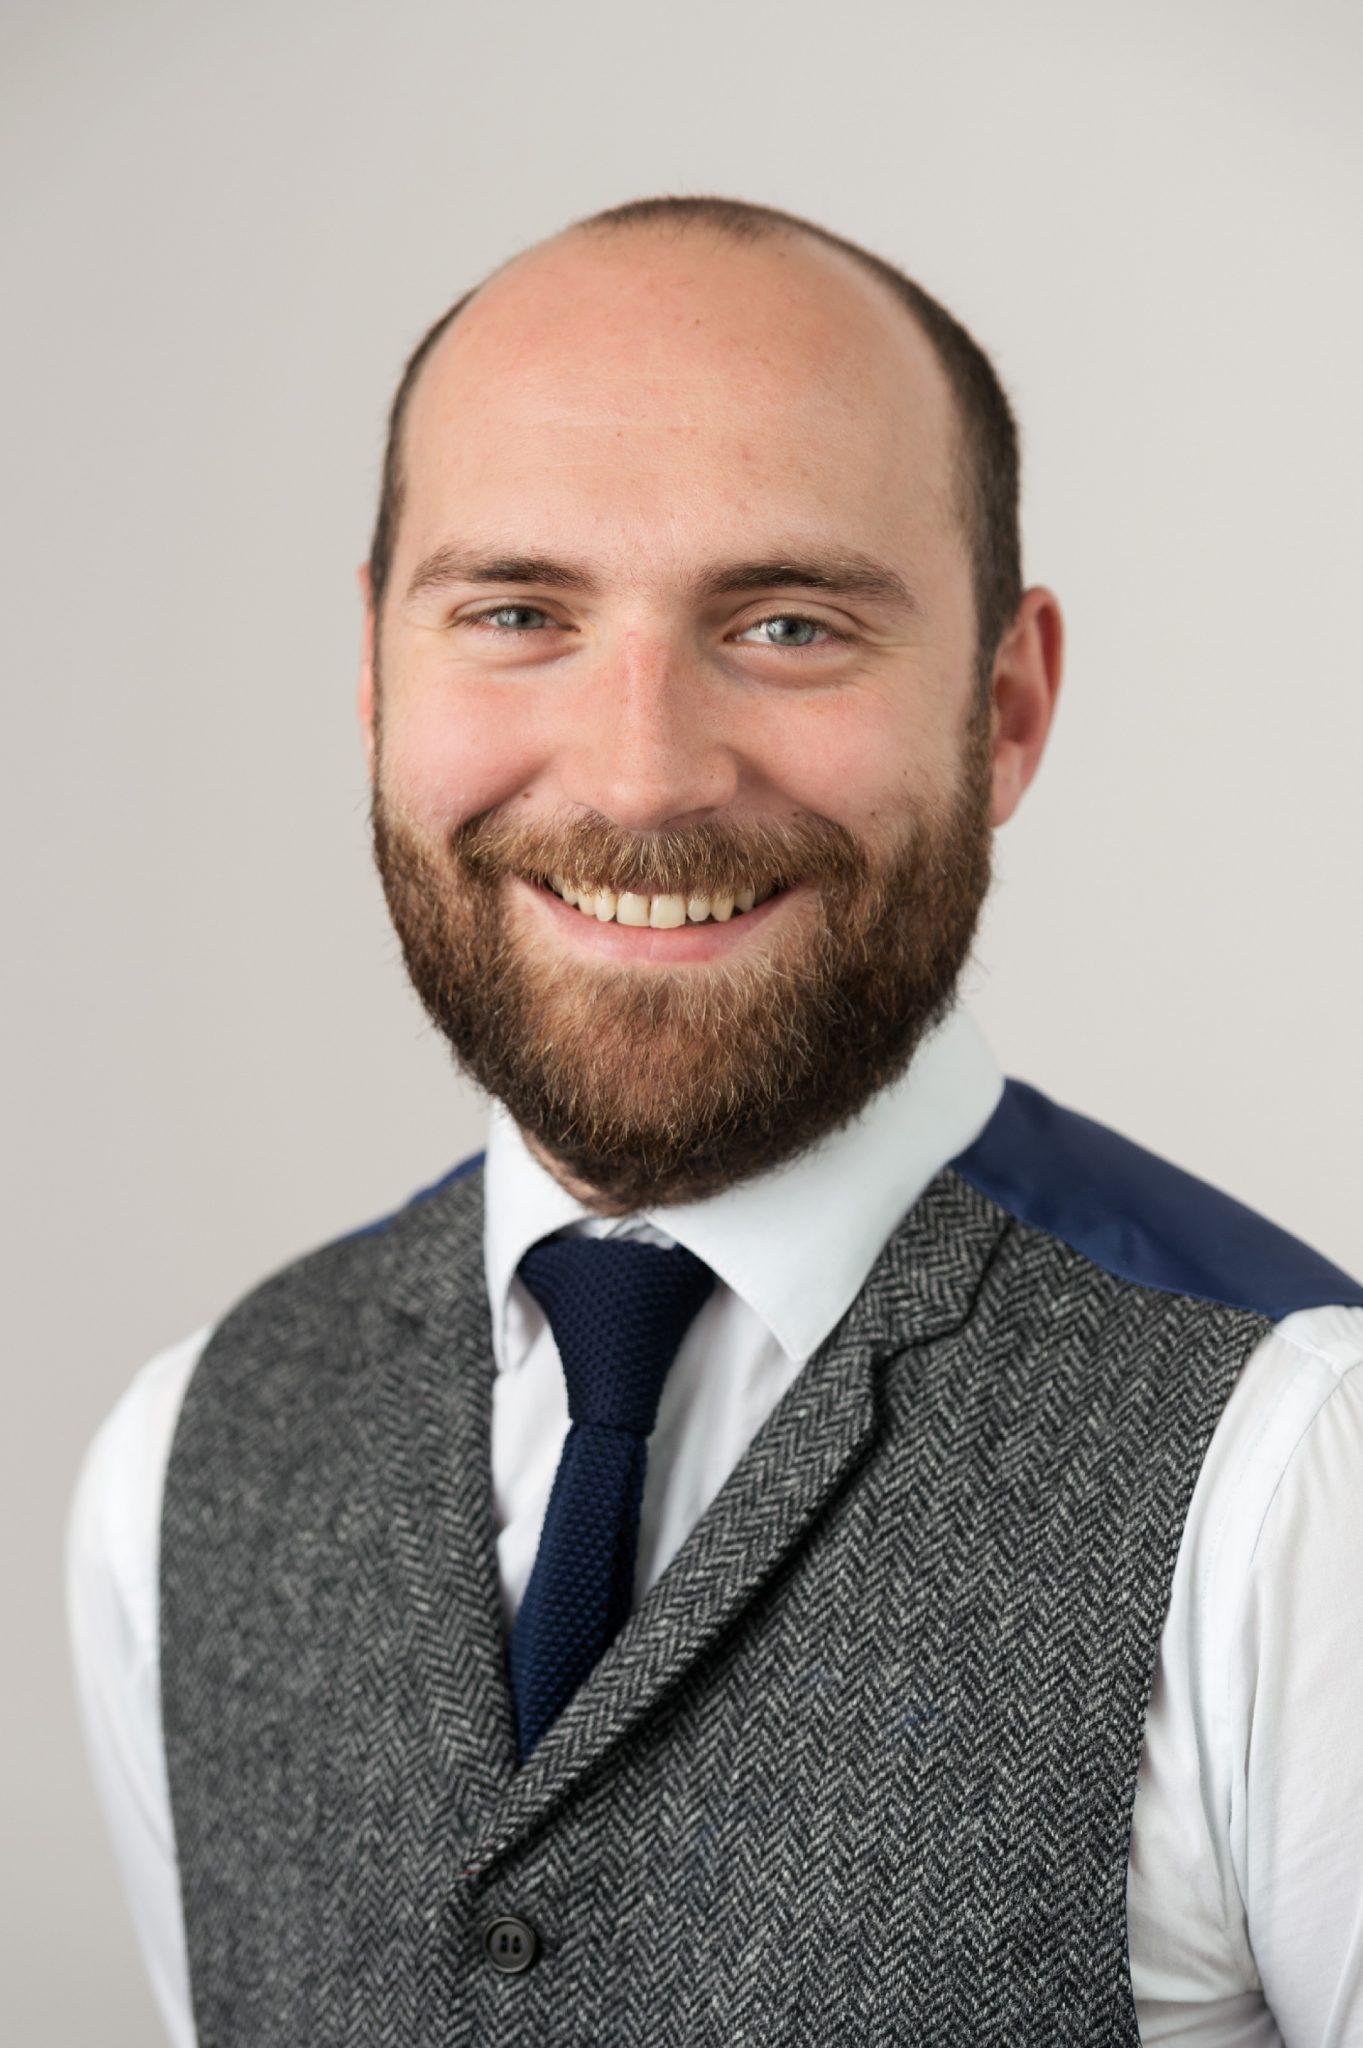 Grant Collinson